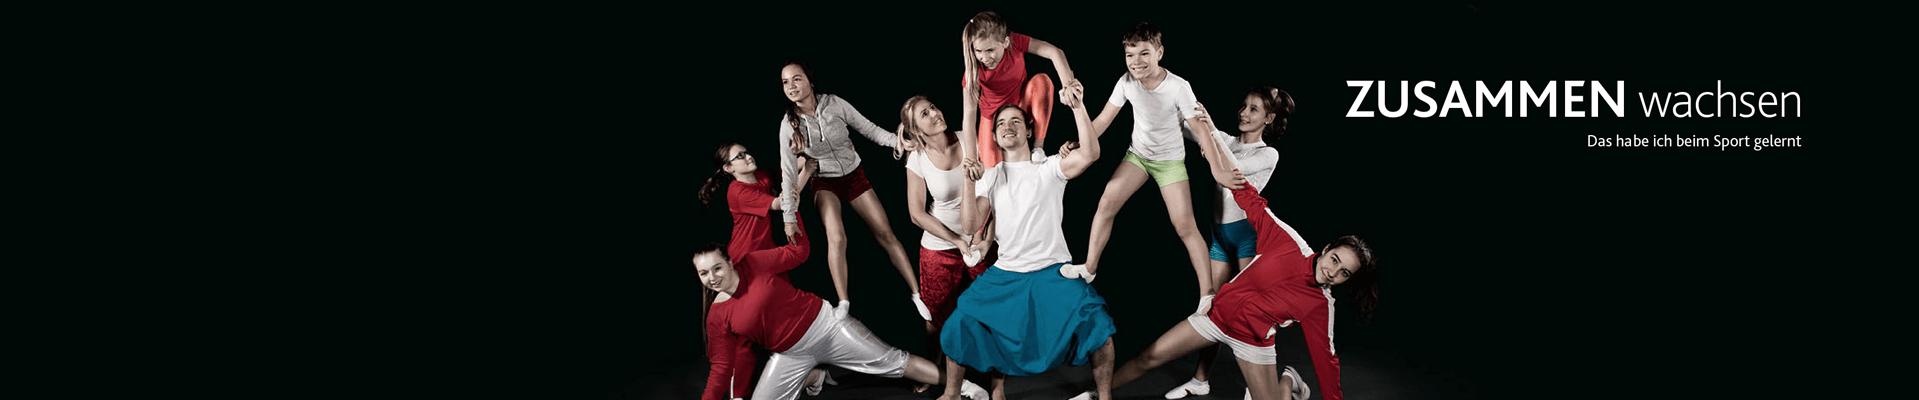 Teaser Entschlossen weltoffen: Kinder und Jugendliche bilden Pyramide